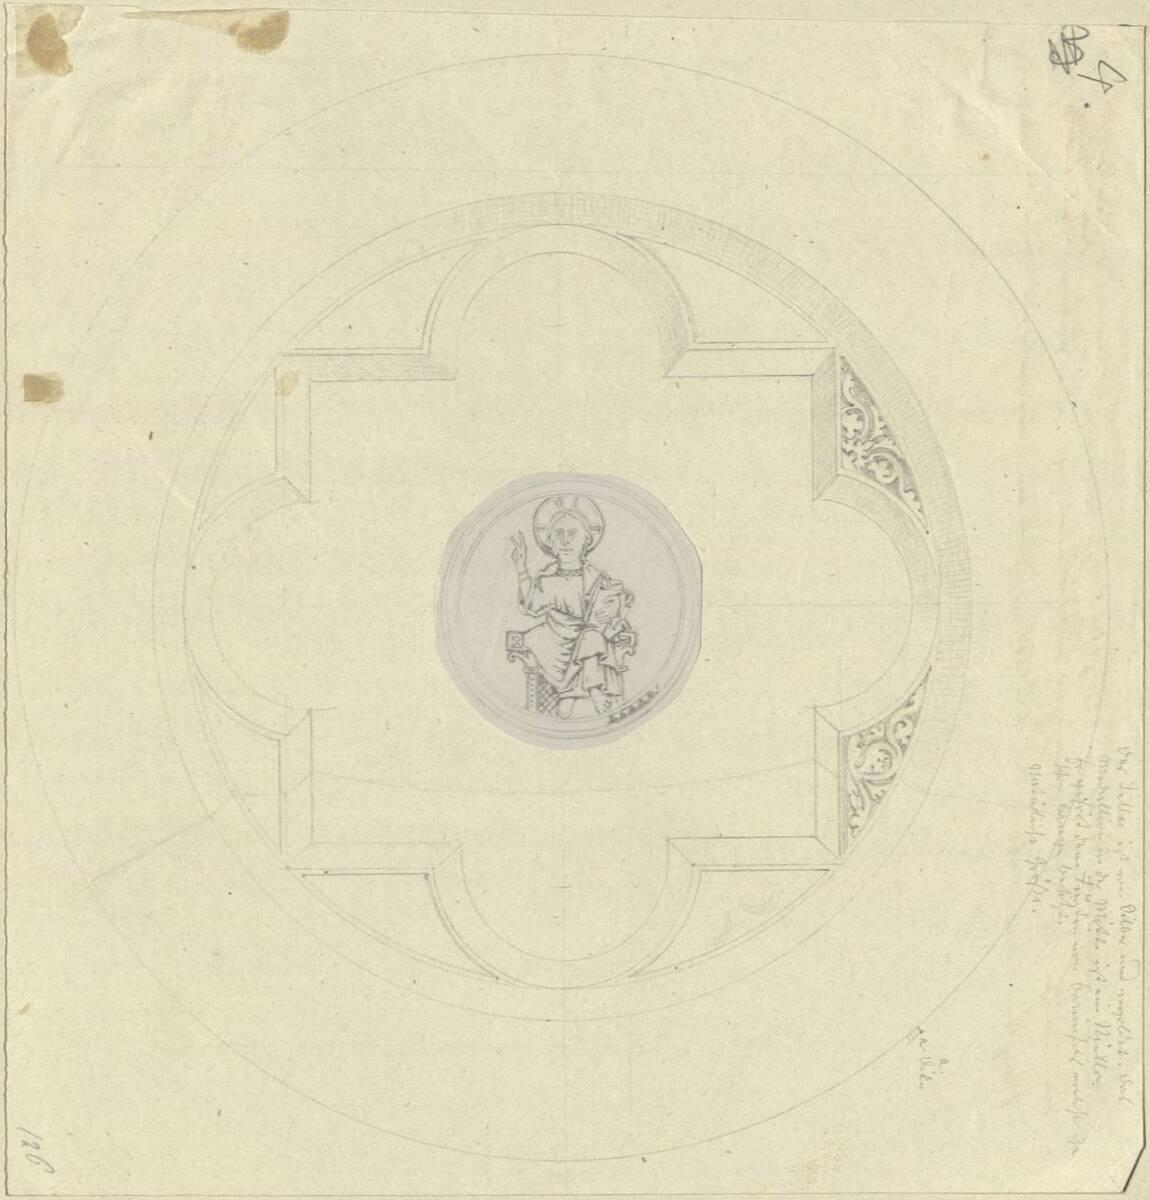 Kopie einer gotischen vergoldeten Silberatene (Hostienteller) mit einer Christusdarstellung in einem Niello (vom Bearbeiter vergebener Titel) von Anonym